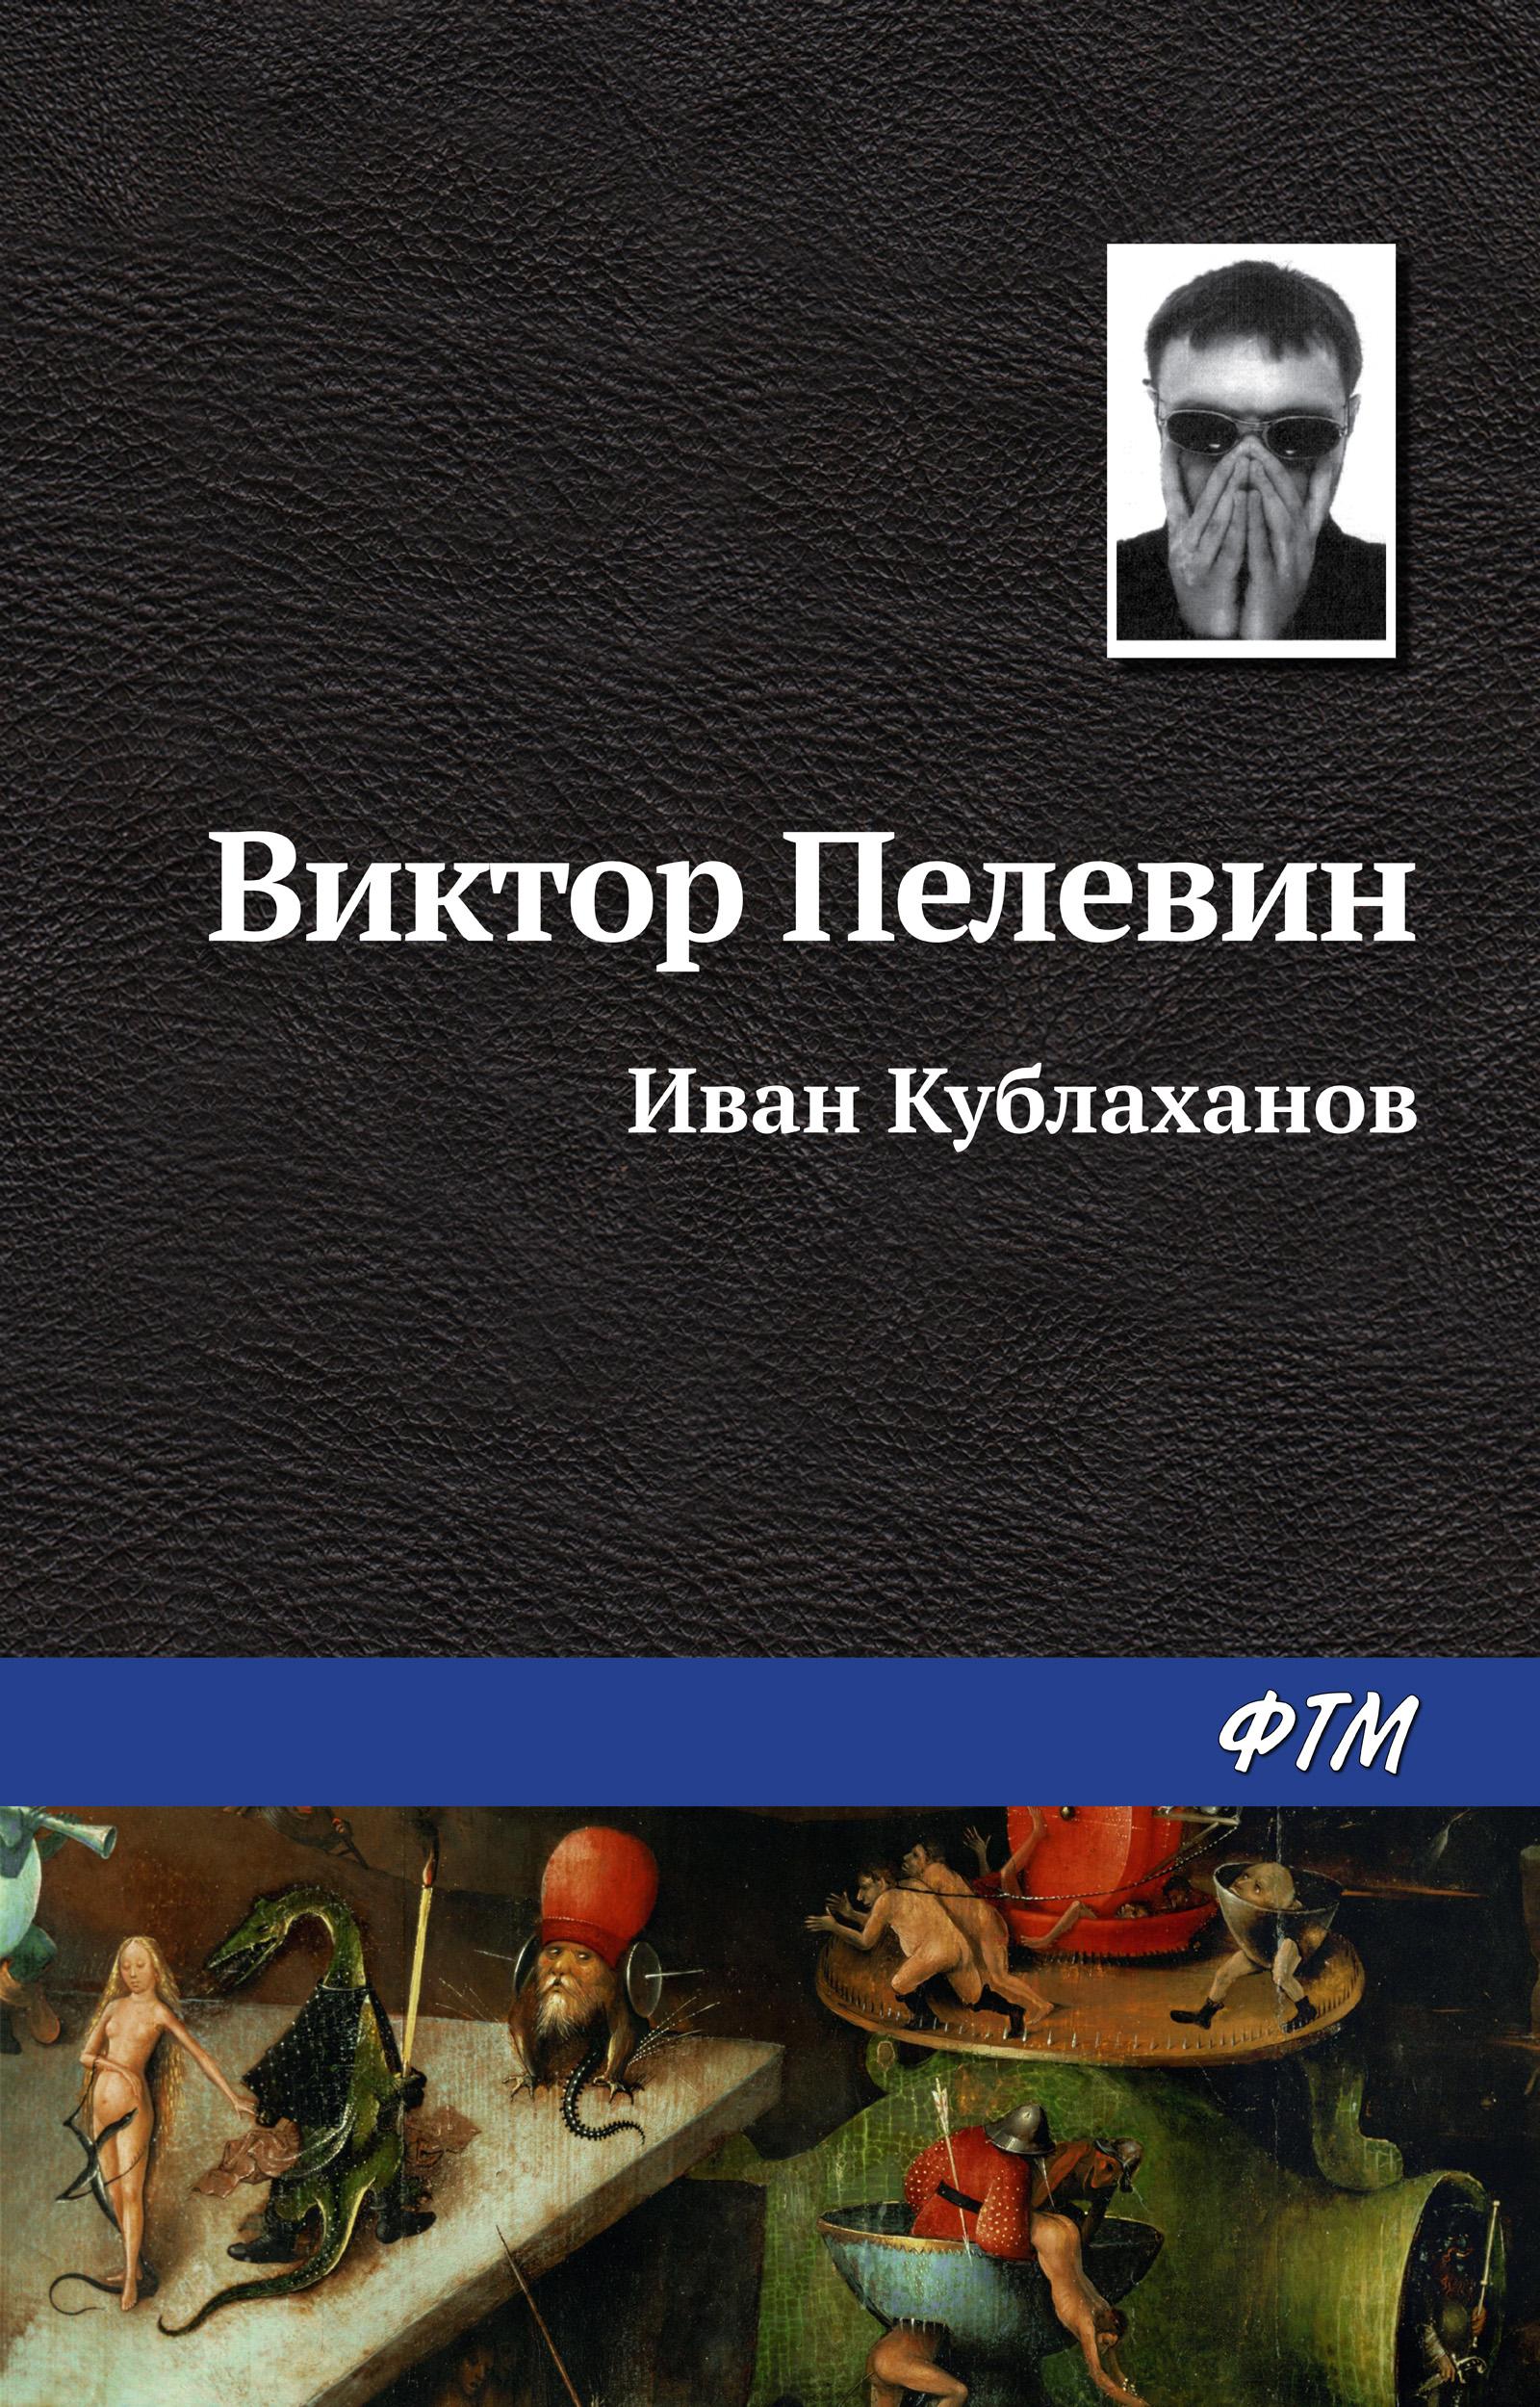 Виктор Пелевин Иван Кублаханов citilux потолочная люстра citilux maximus el335c87 1